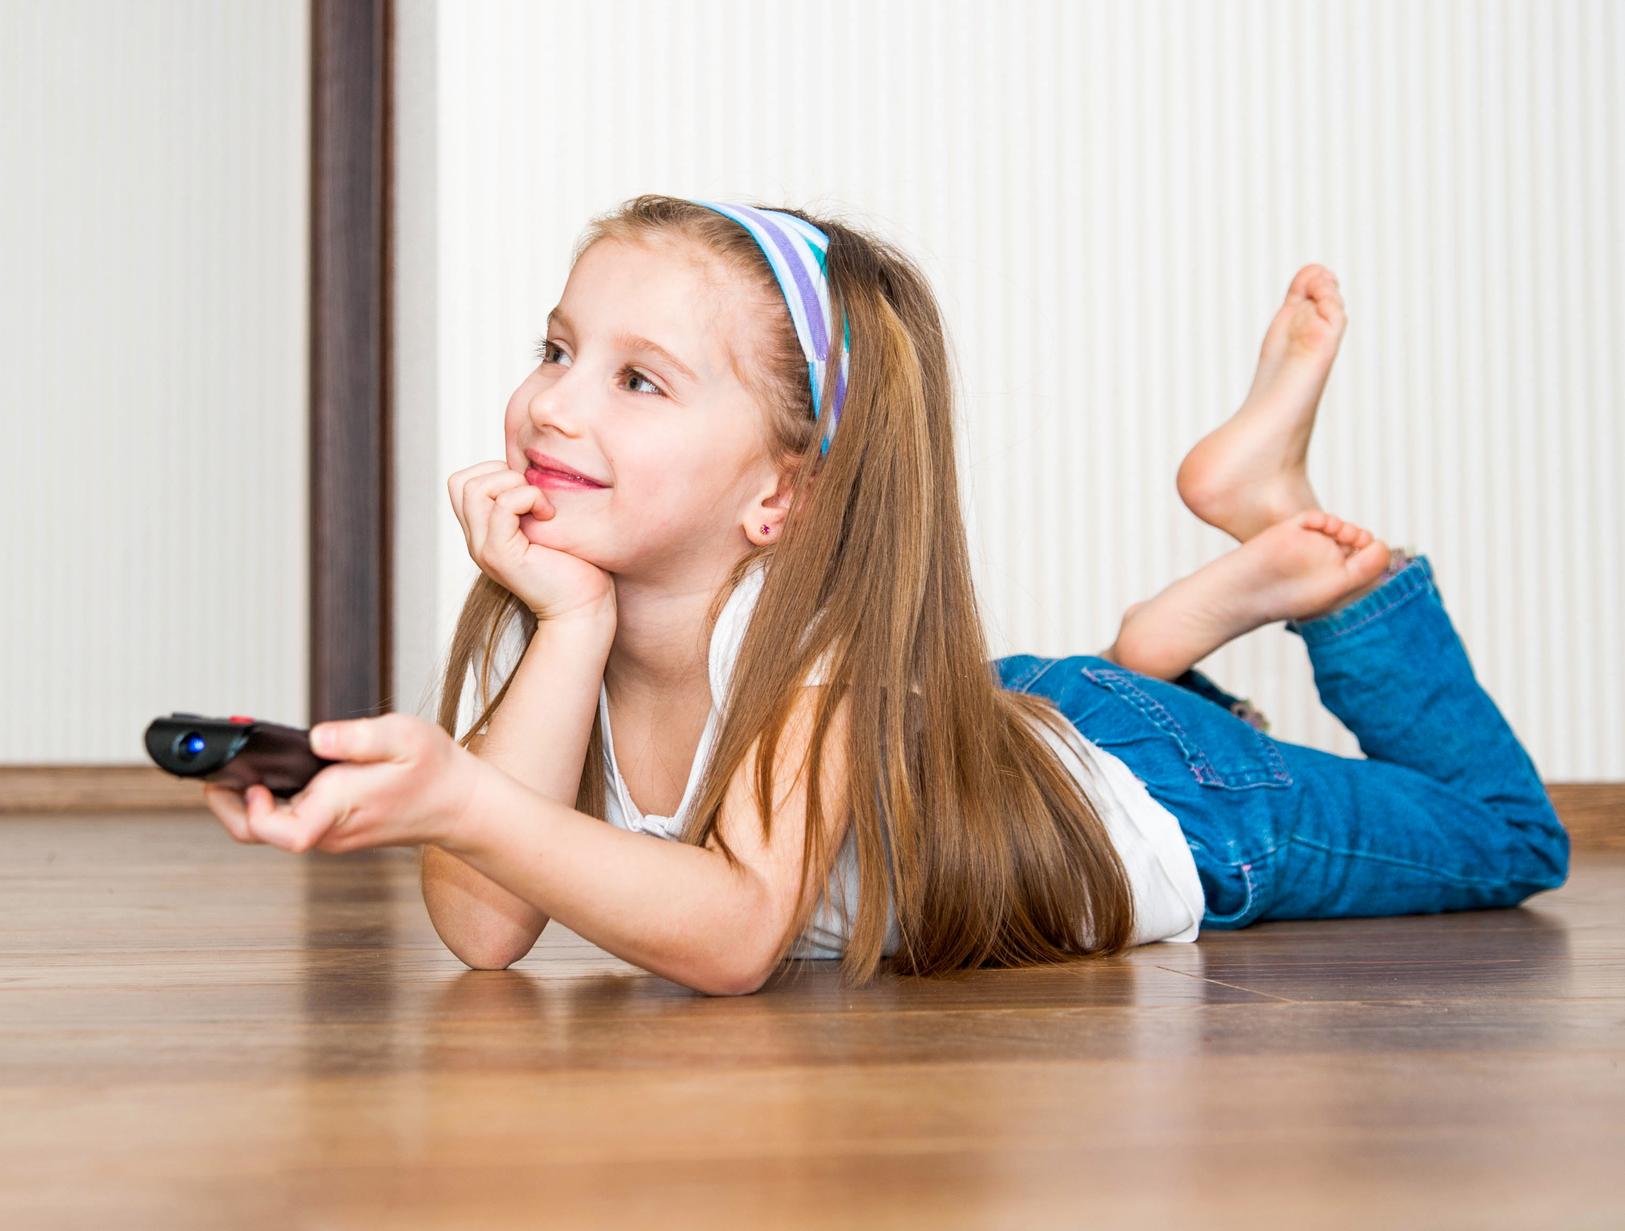 Картинки по запросу ребенок и телевизор